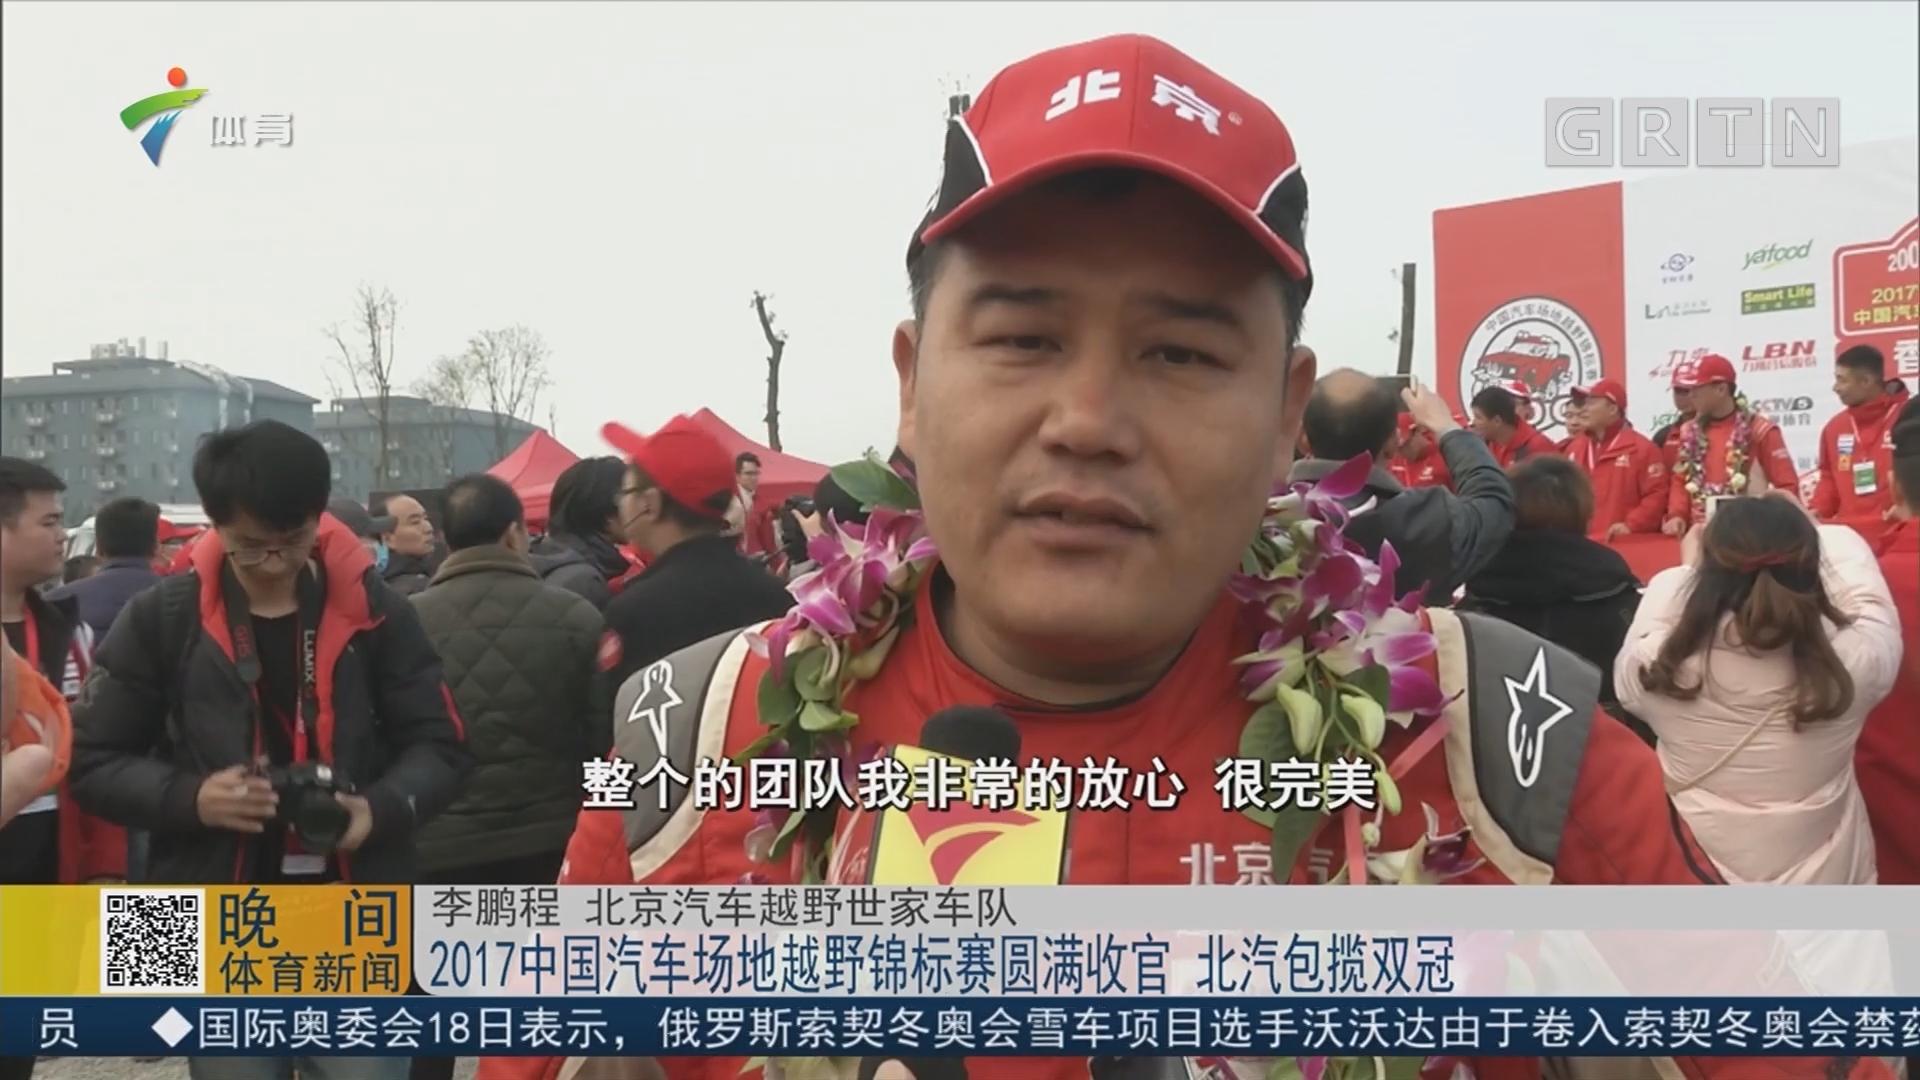 2017中国汽车场地越野锦标赛圆满收官 北汽包揽双冠